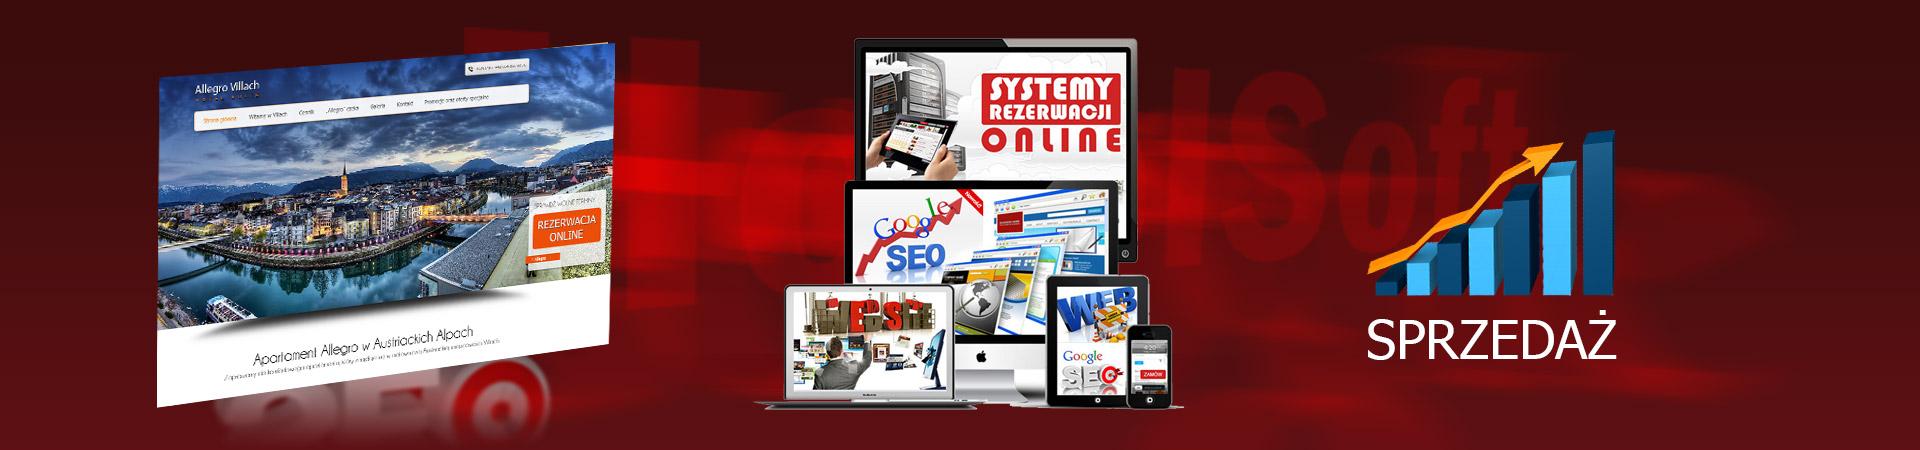 strona-www-system-rezerwacji-online-gratis